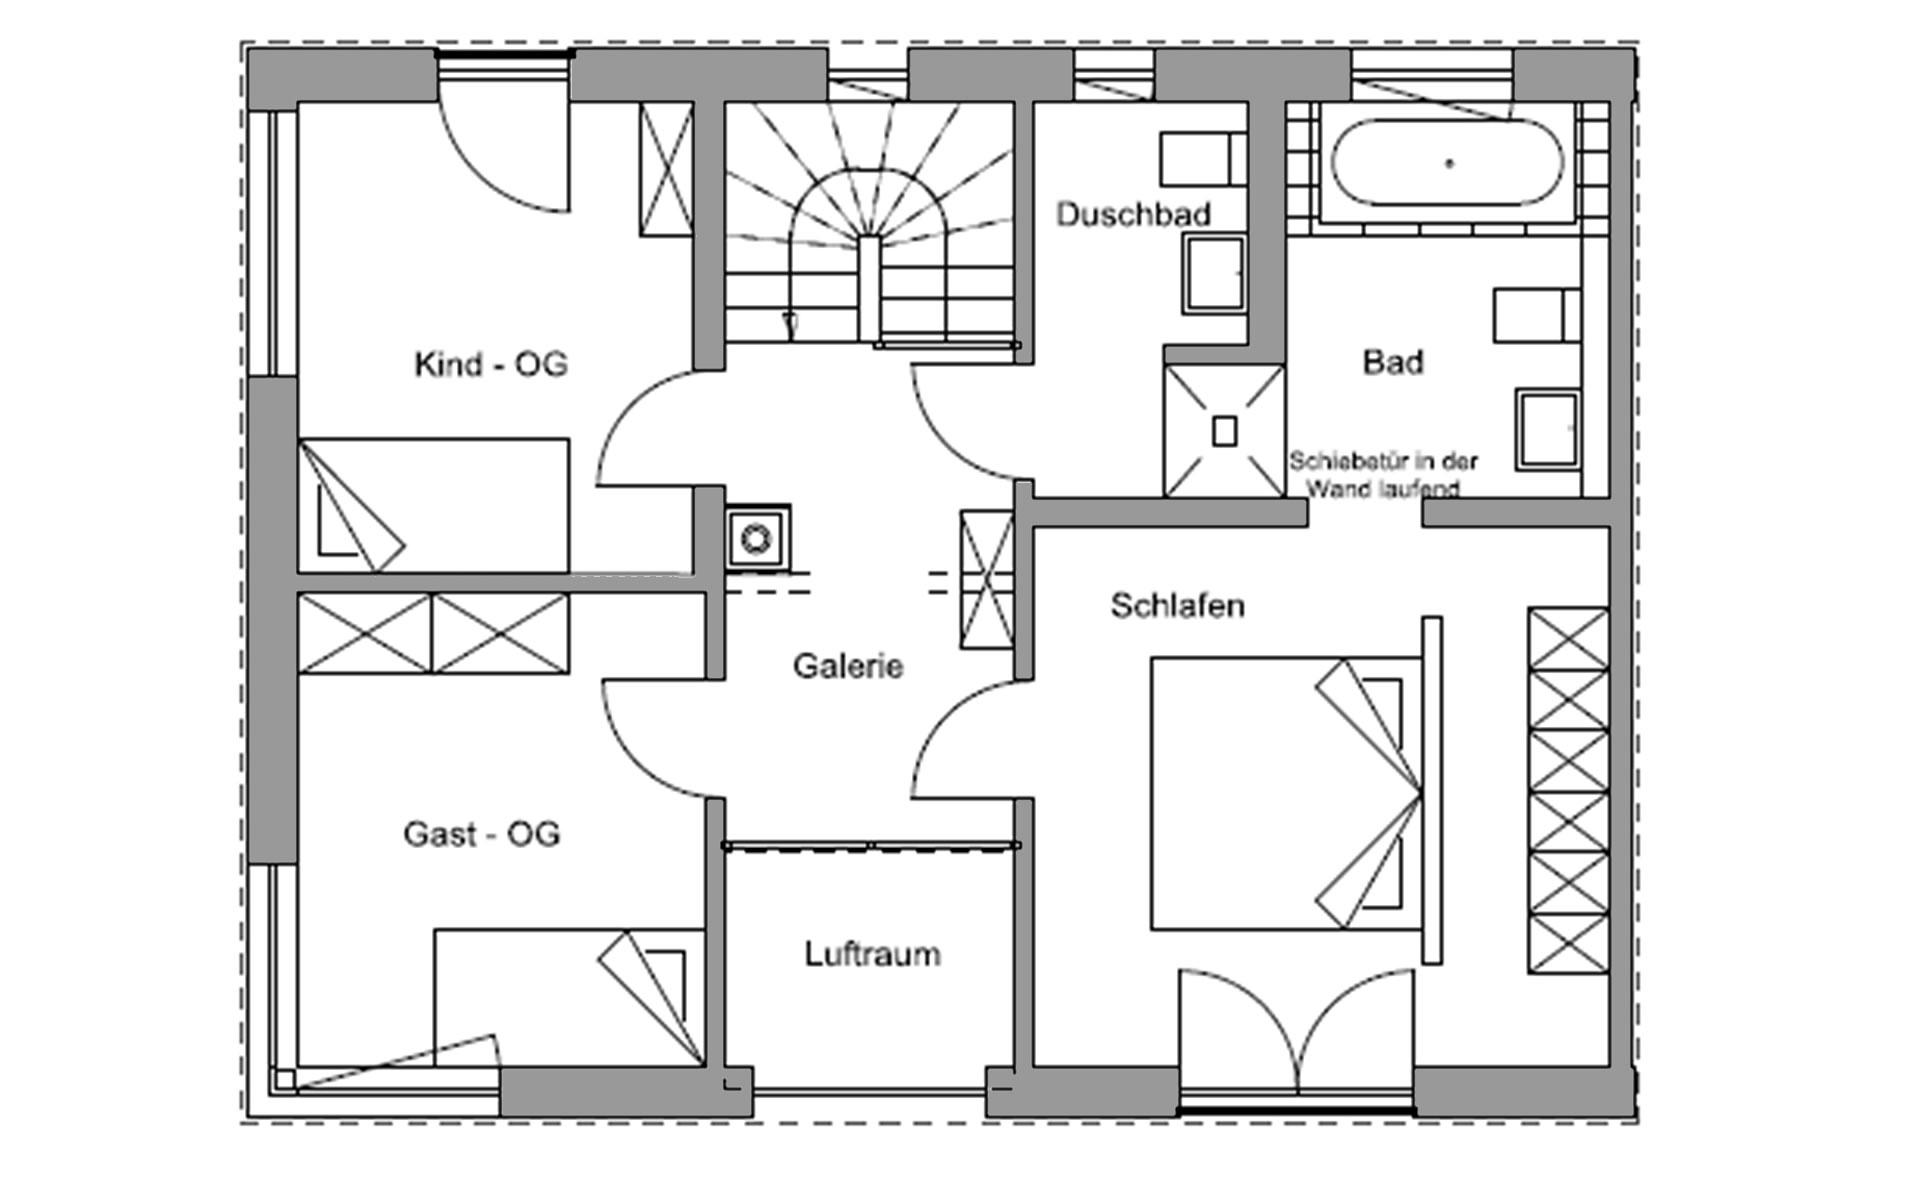 Obergeschoss Germering von Regnauer Hausbau GmbH & Co. KG